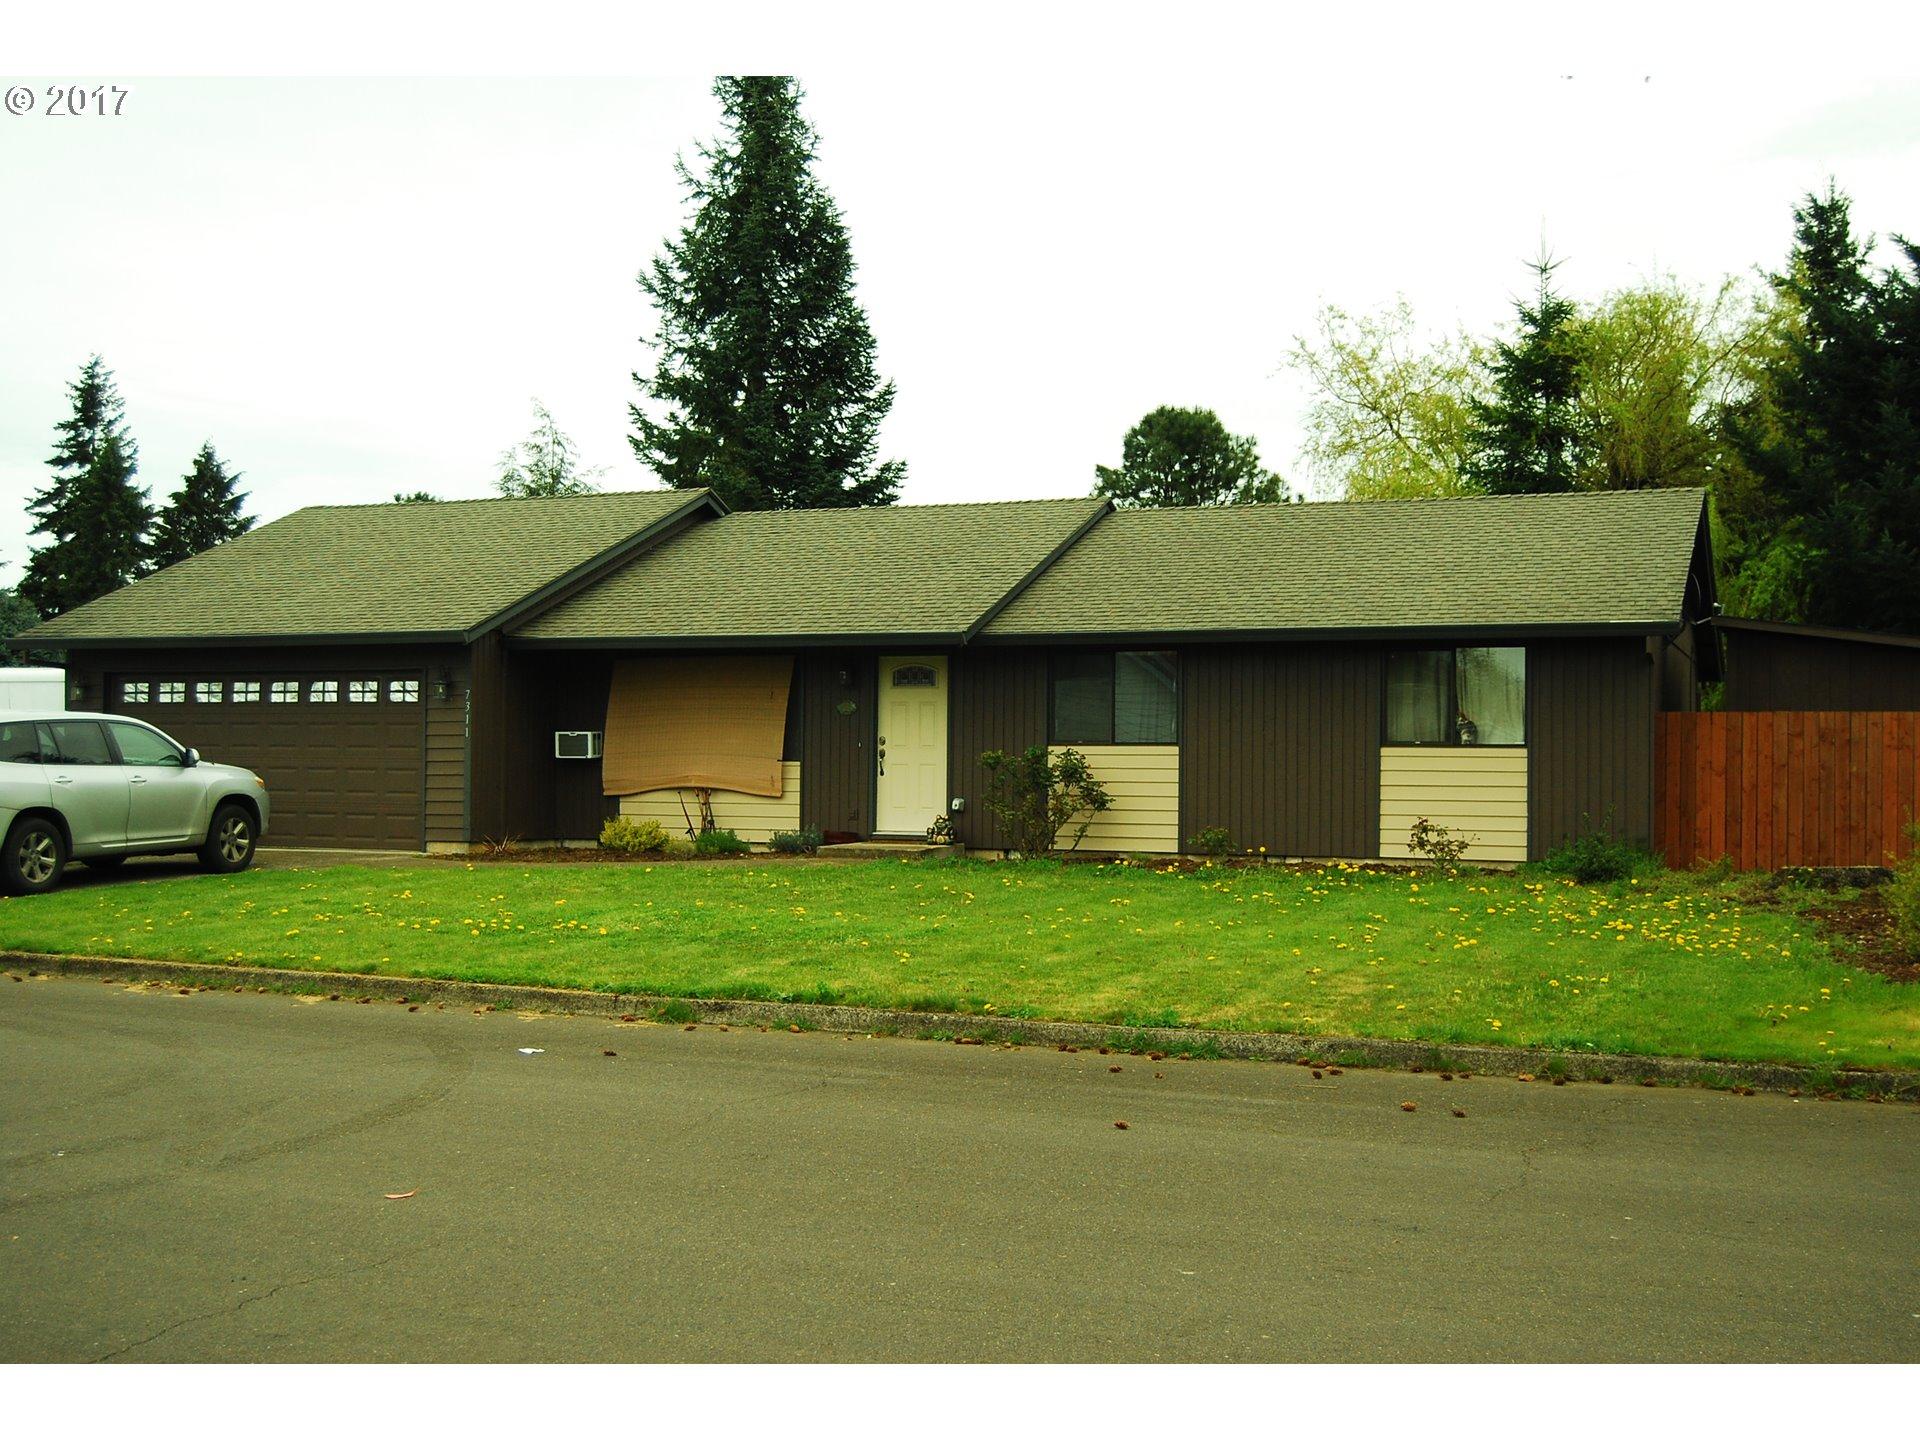 7311 NE 92ND AVE, Vancouver, WA 98662